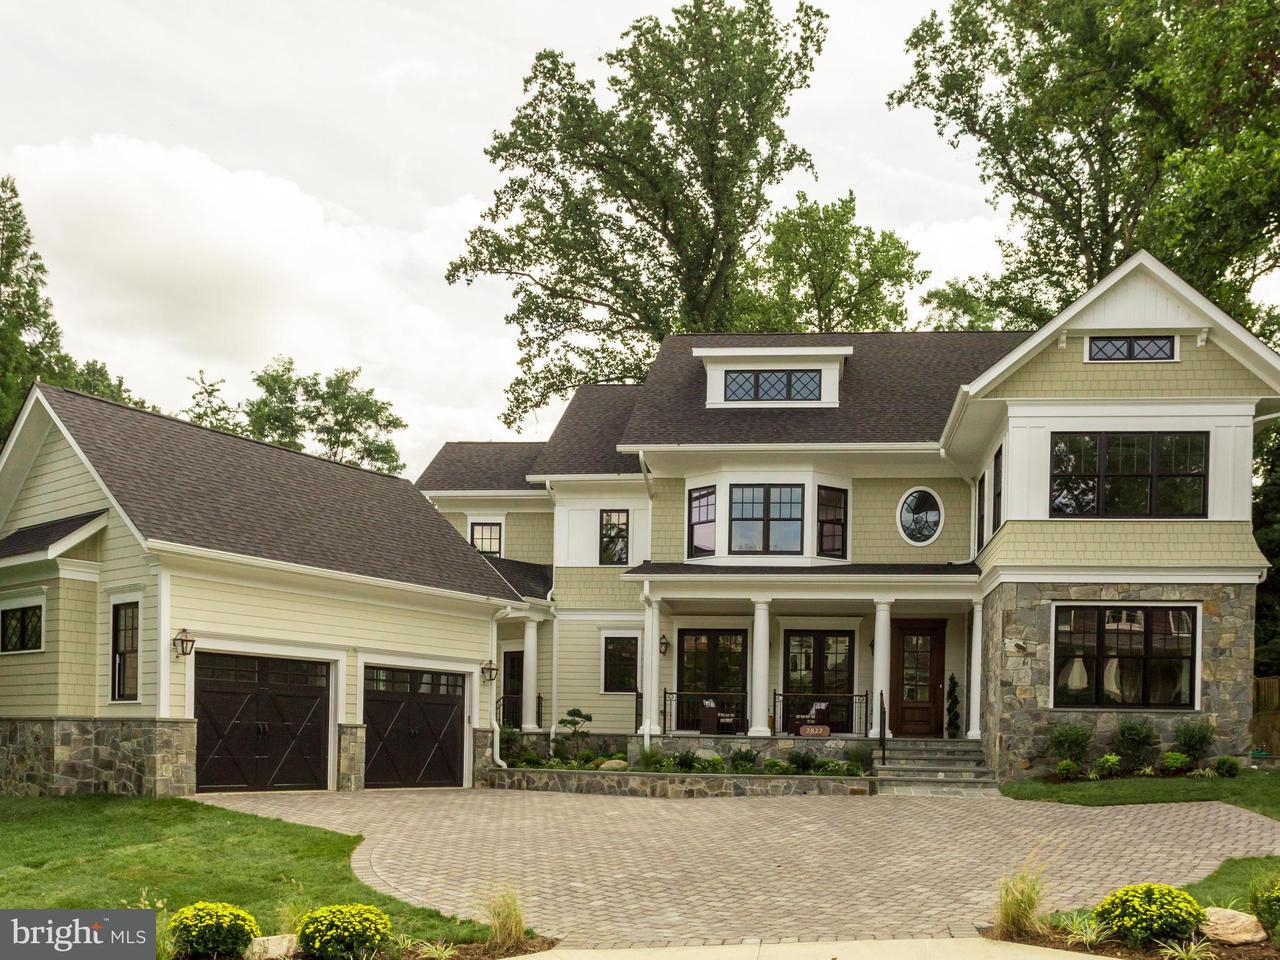 Maison unifamiliale pour l Vente à 2822 23rd Rd N 2822 23rd Rd N Arlington, Virginia 22201 États-Unis